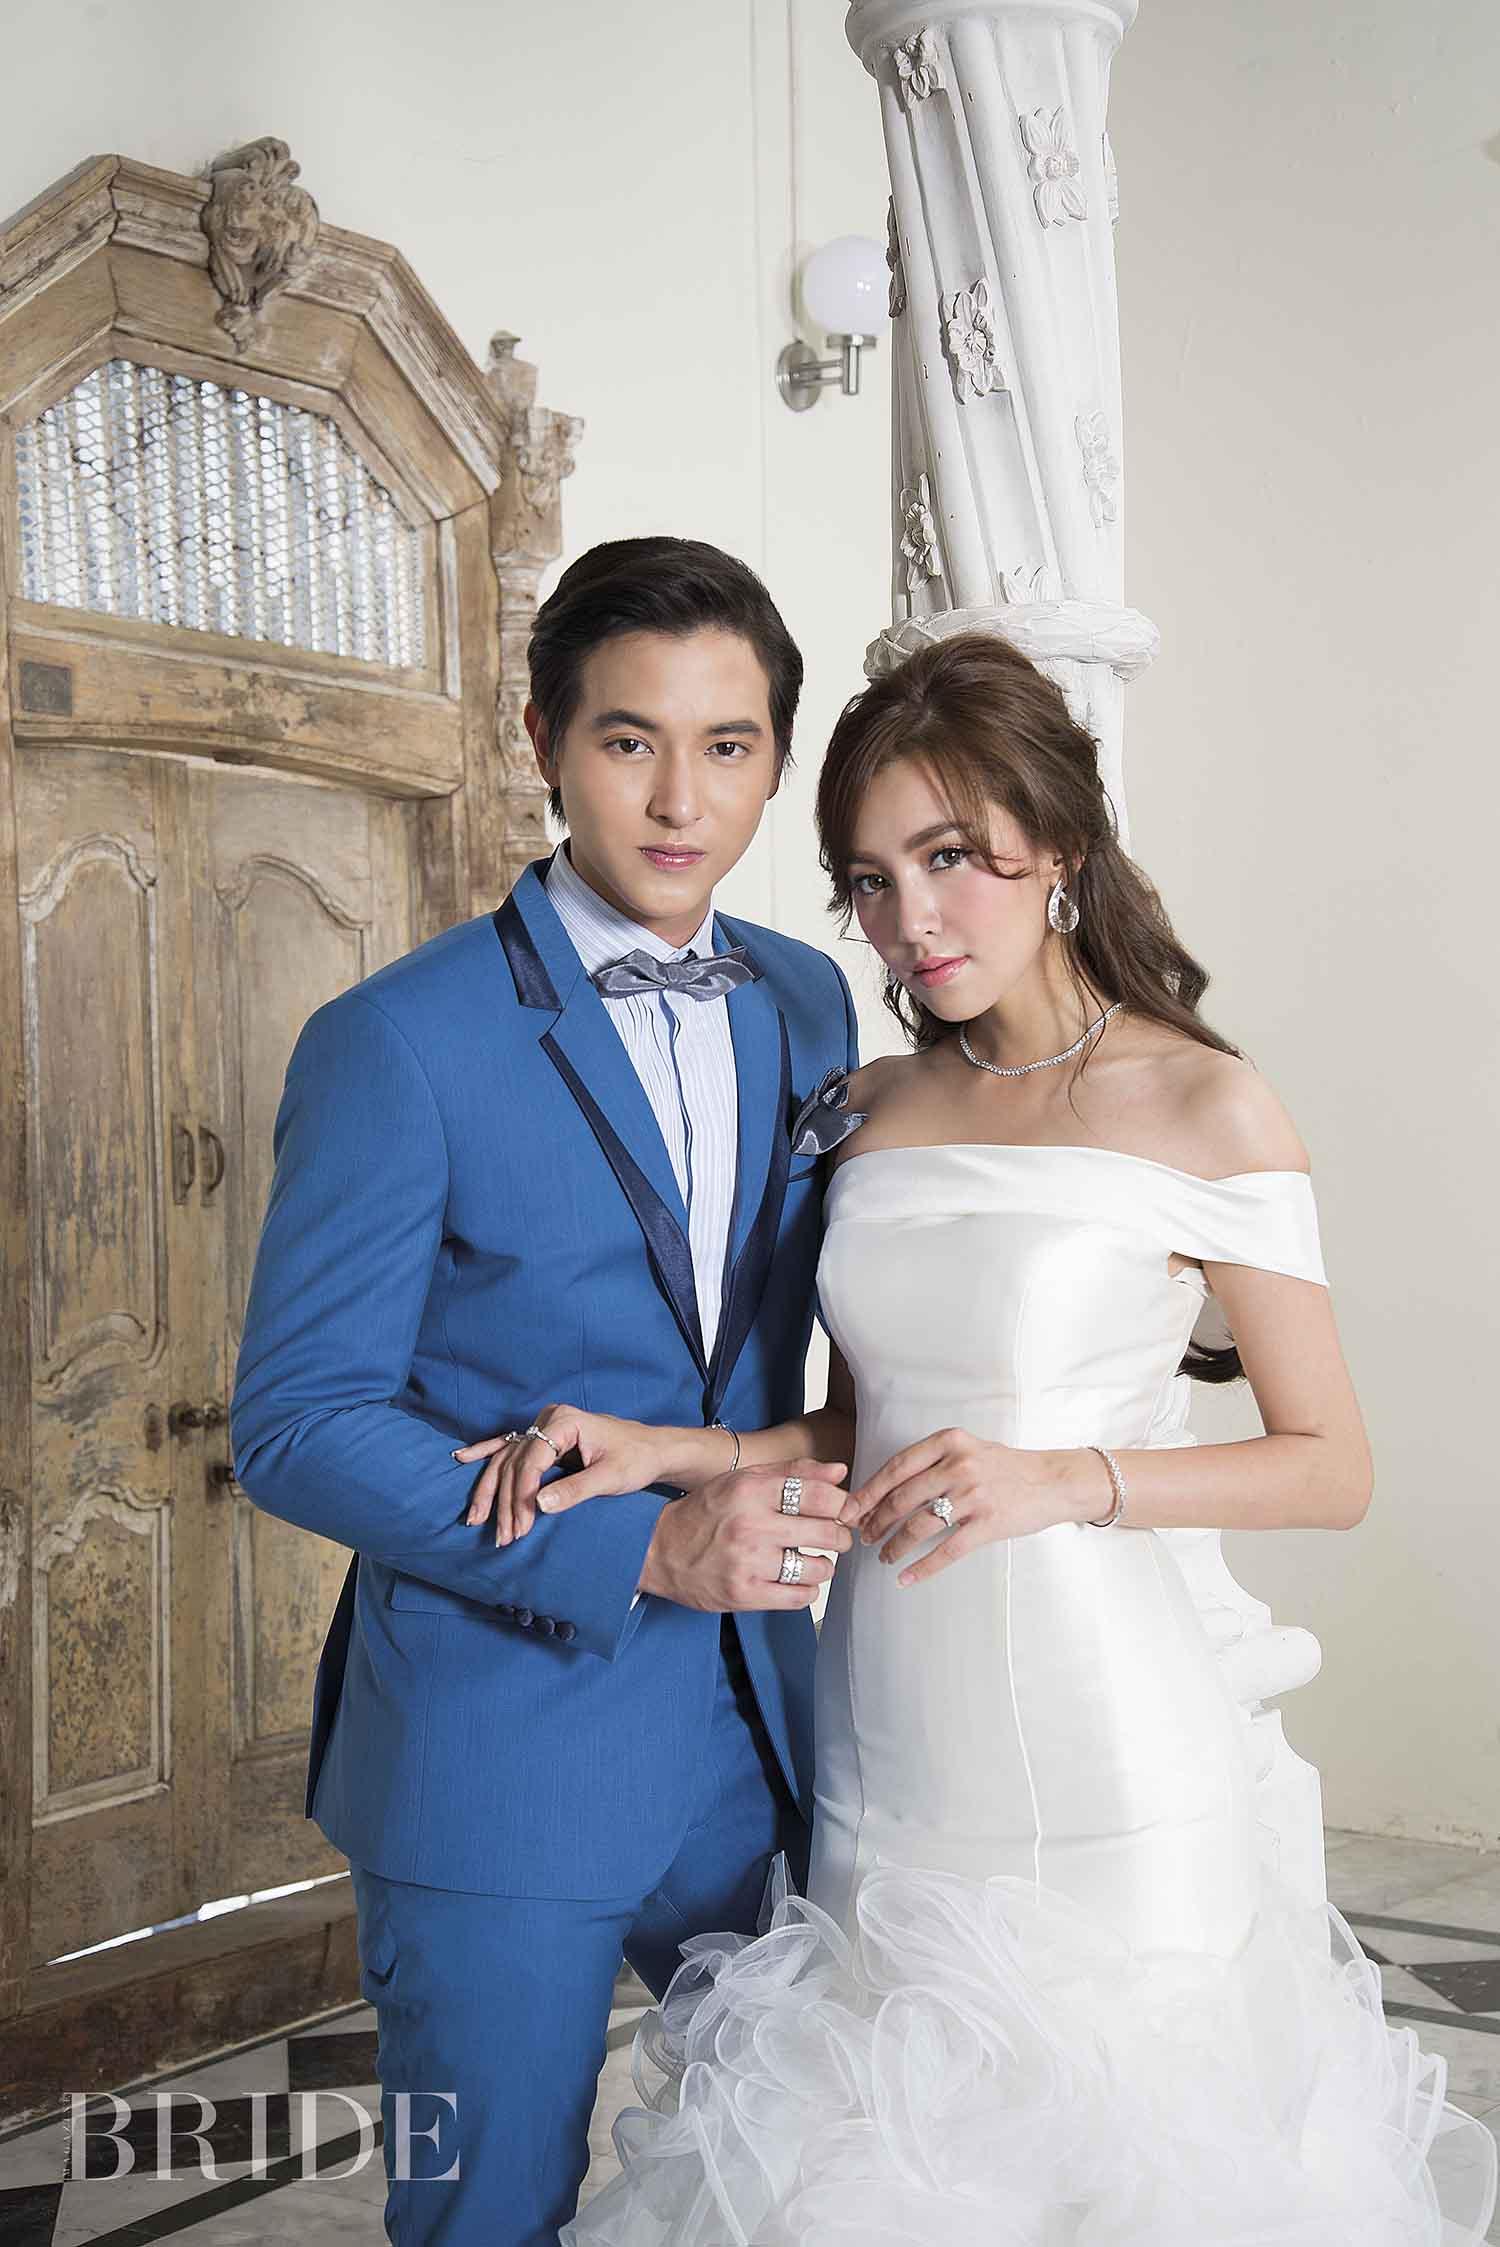 สูทเจ้าบ่าว_สูทแต่งงาน_wedding_suit_groom_suit_009